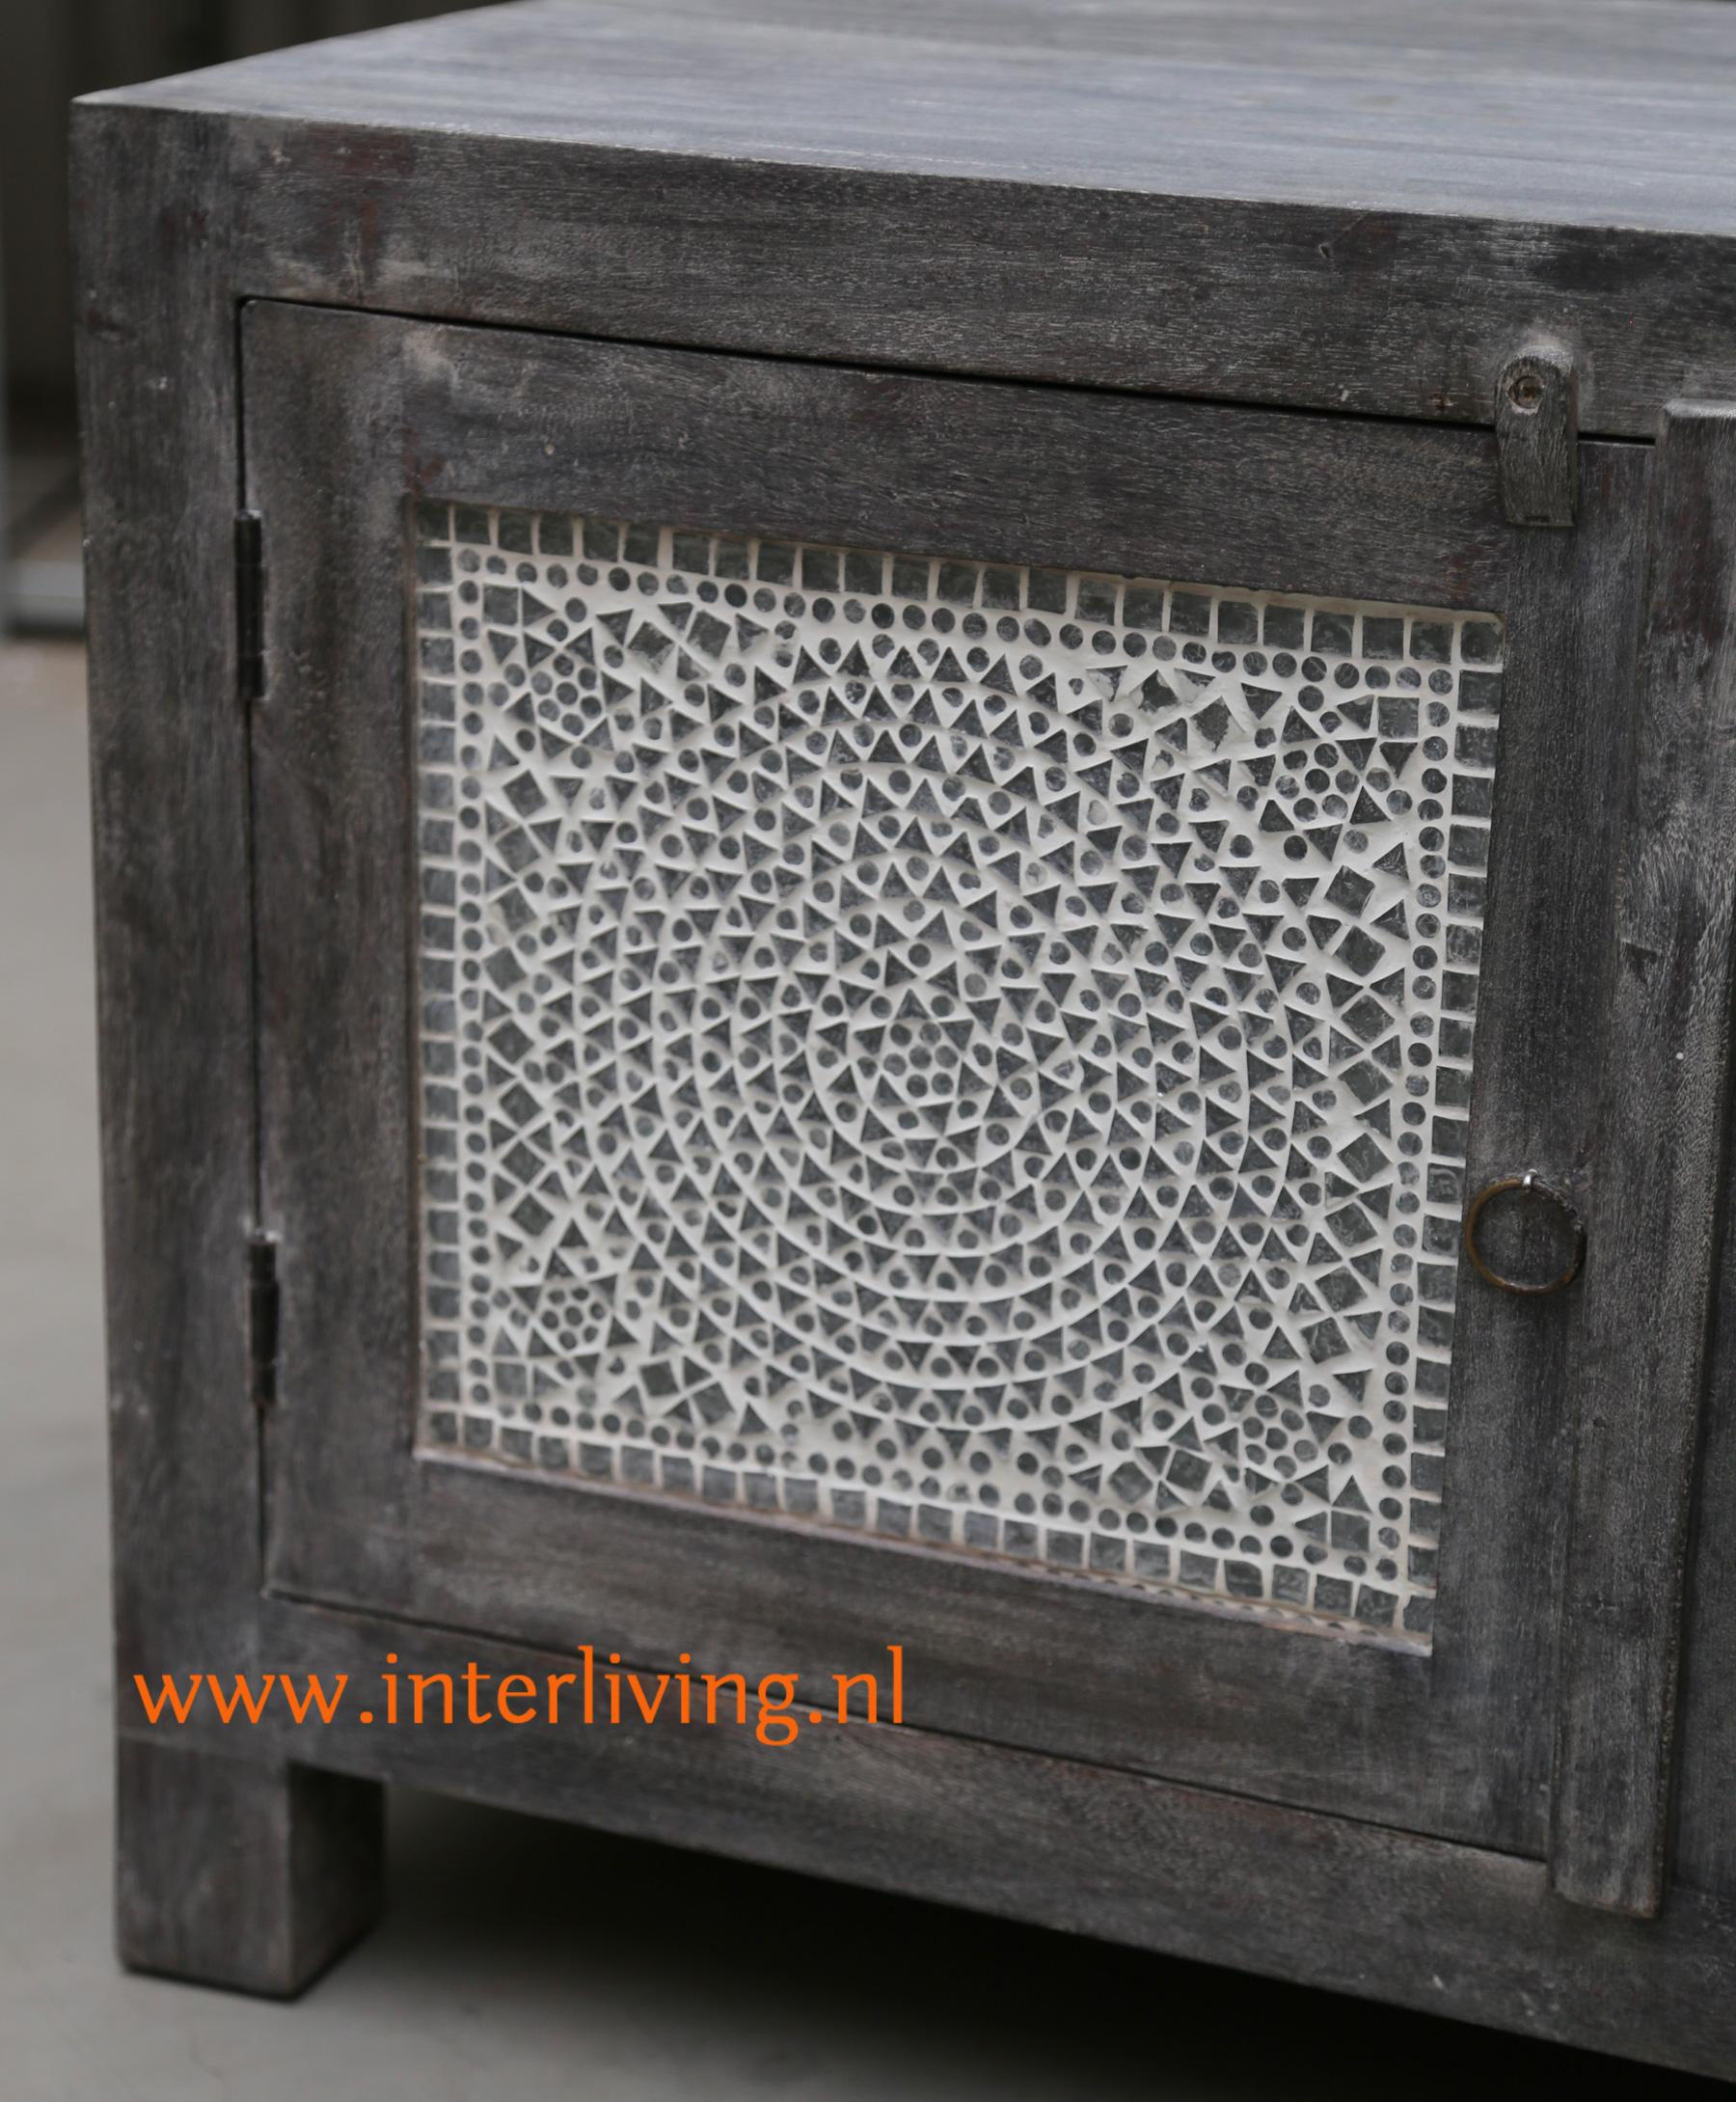 donker grijs oud vergrijsd houten tvmeubel - opbergkast in huis